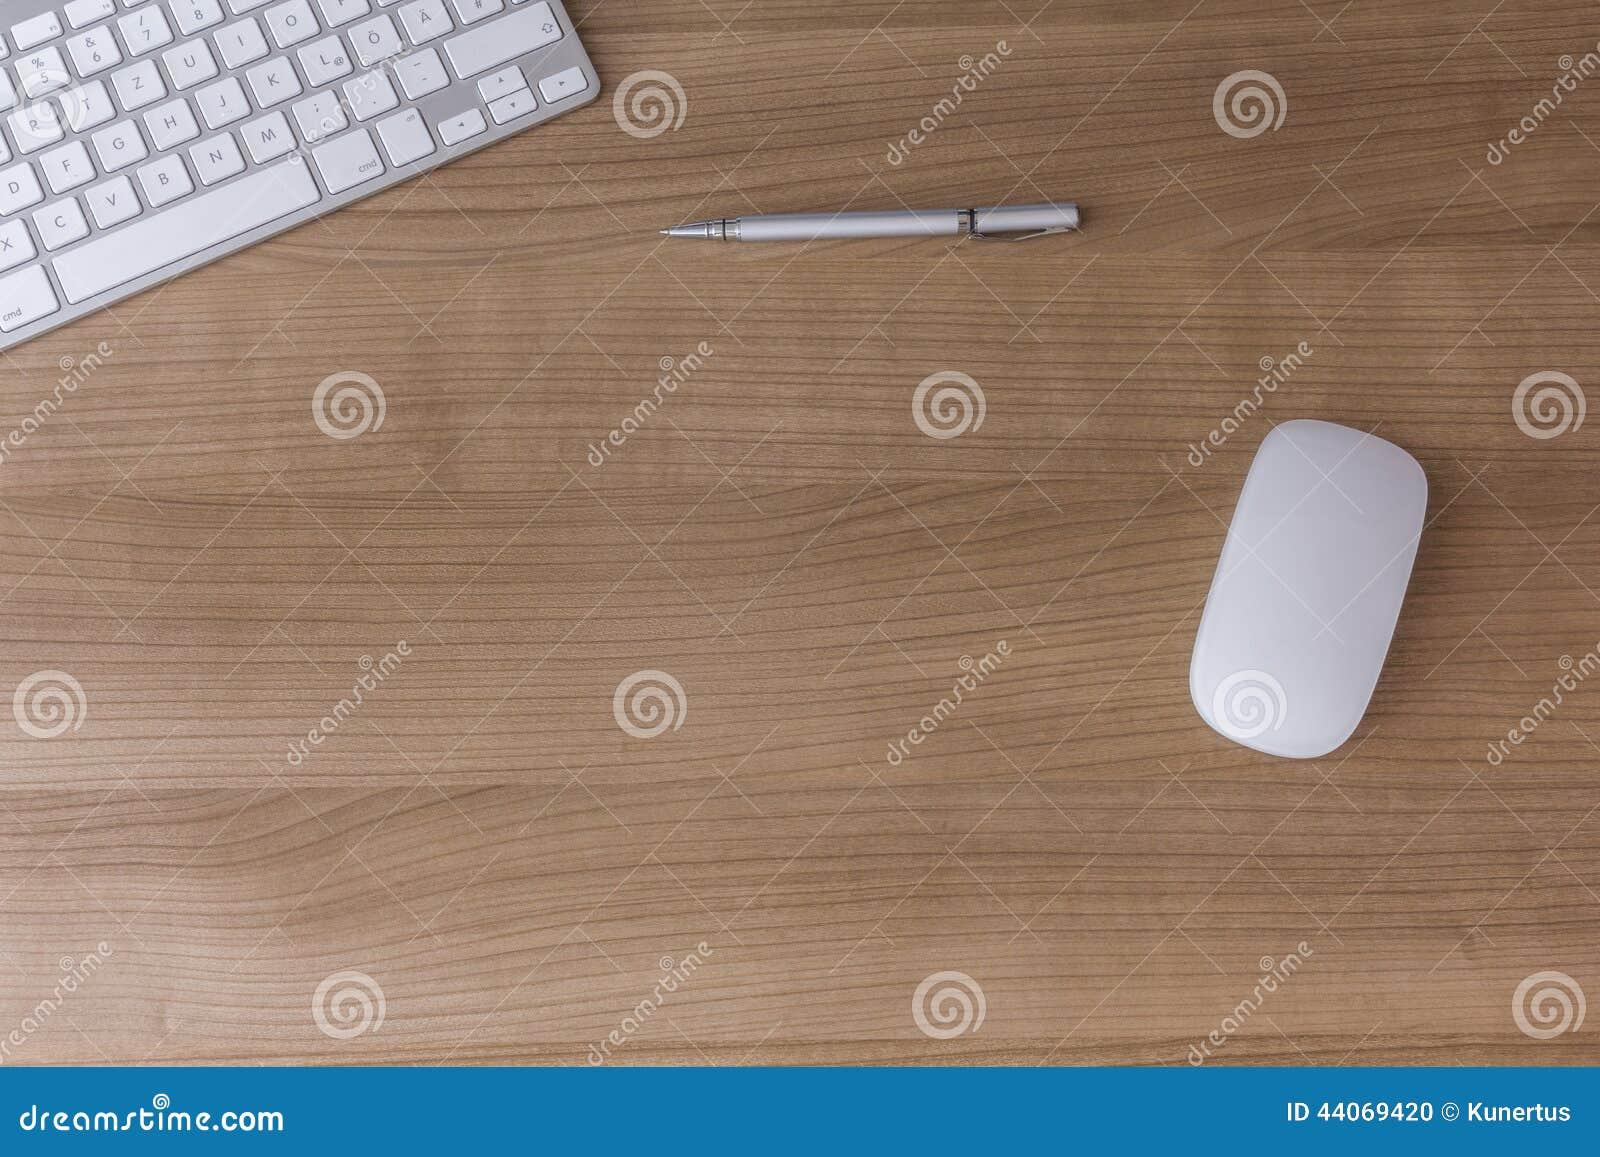 有键盘和老鼠的书桌